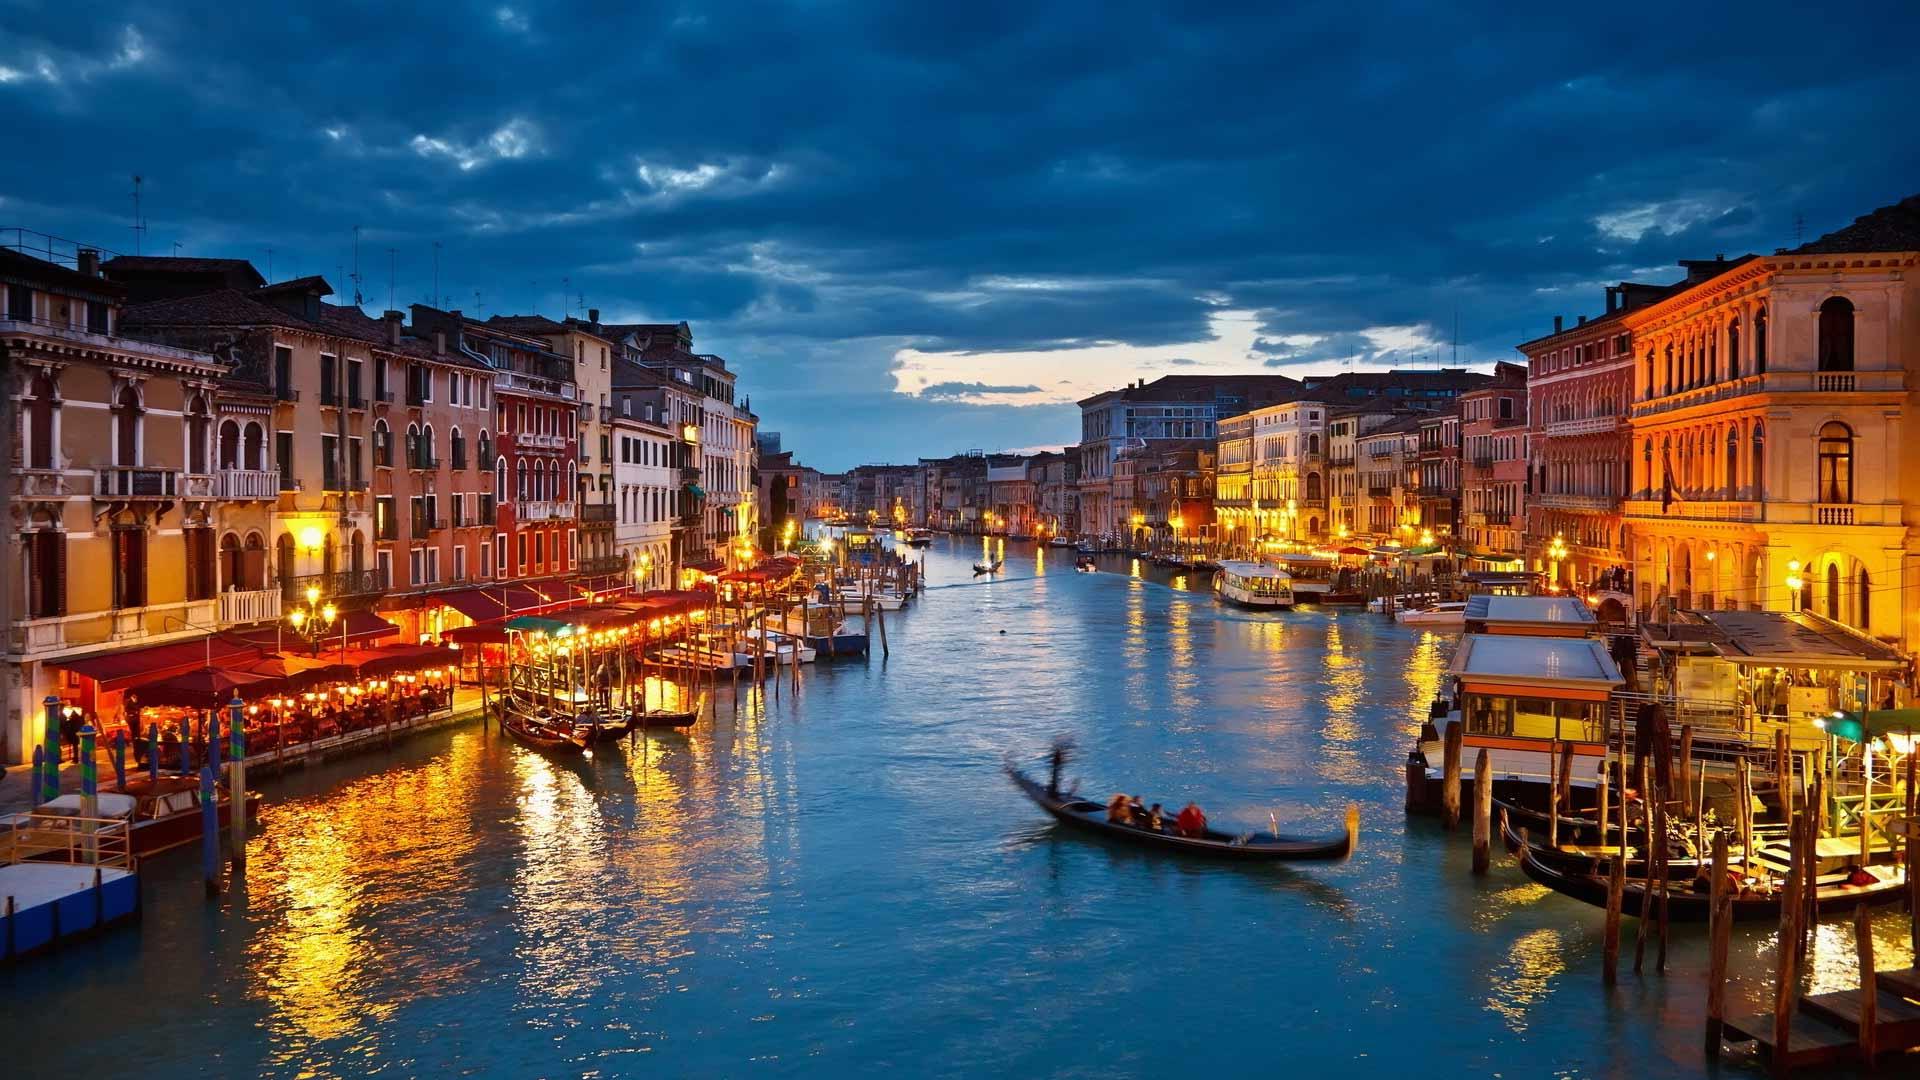 Главные достопримечательности Венеции с фото и описанием ...: http://traveltheworld.com.ua/veneciya-glavnye-dostoprimechatelnosti.html